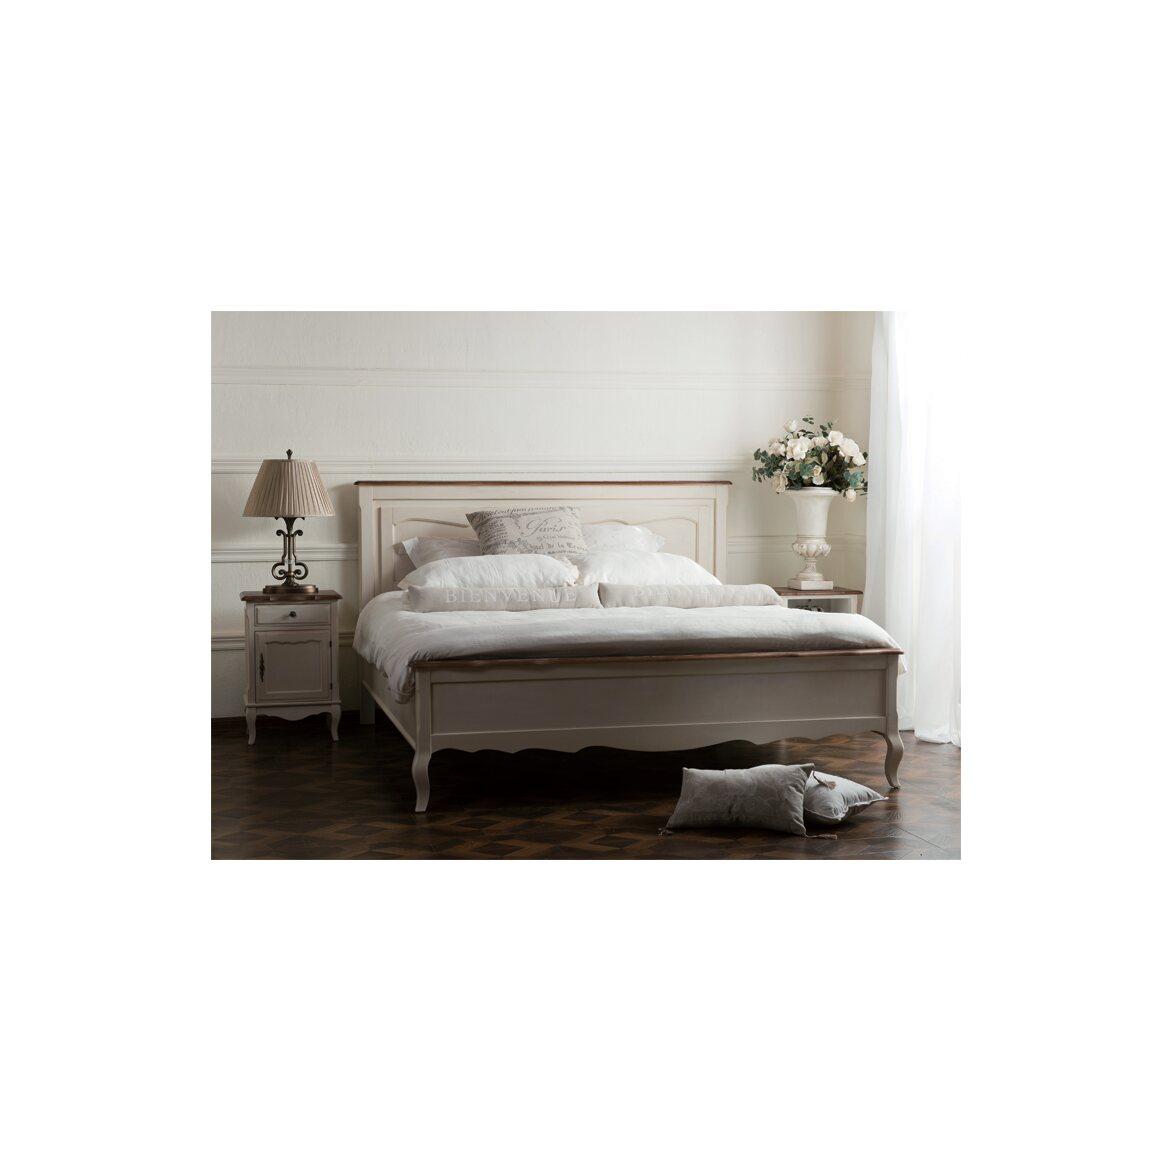 Кровать двуспальная Евро 180*200 Leontina, бежевого цвета 4   Двуспальные кровати Kingsby